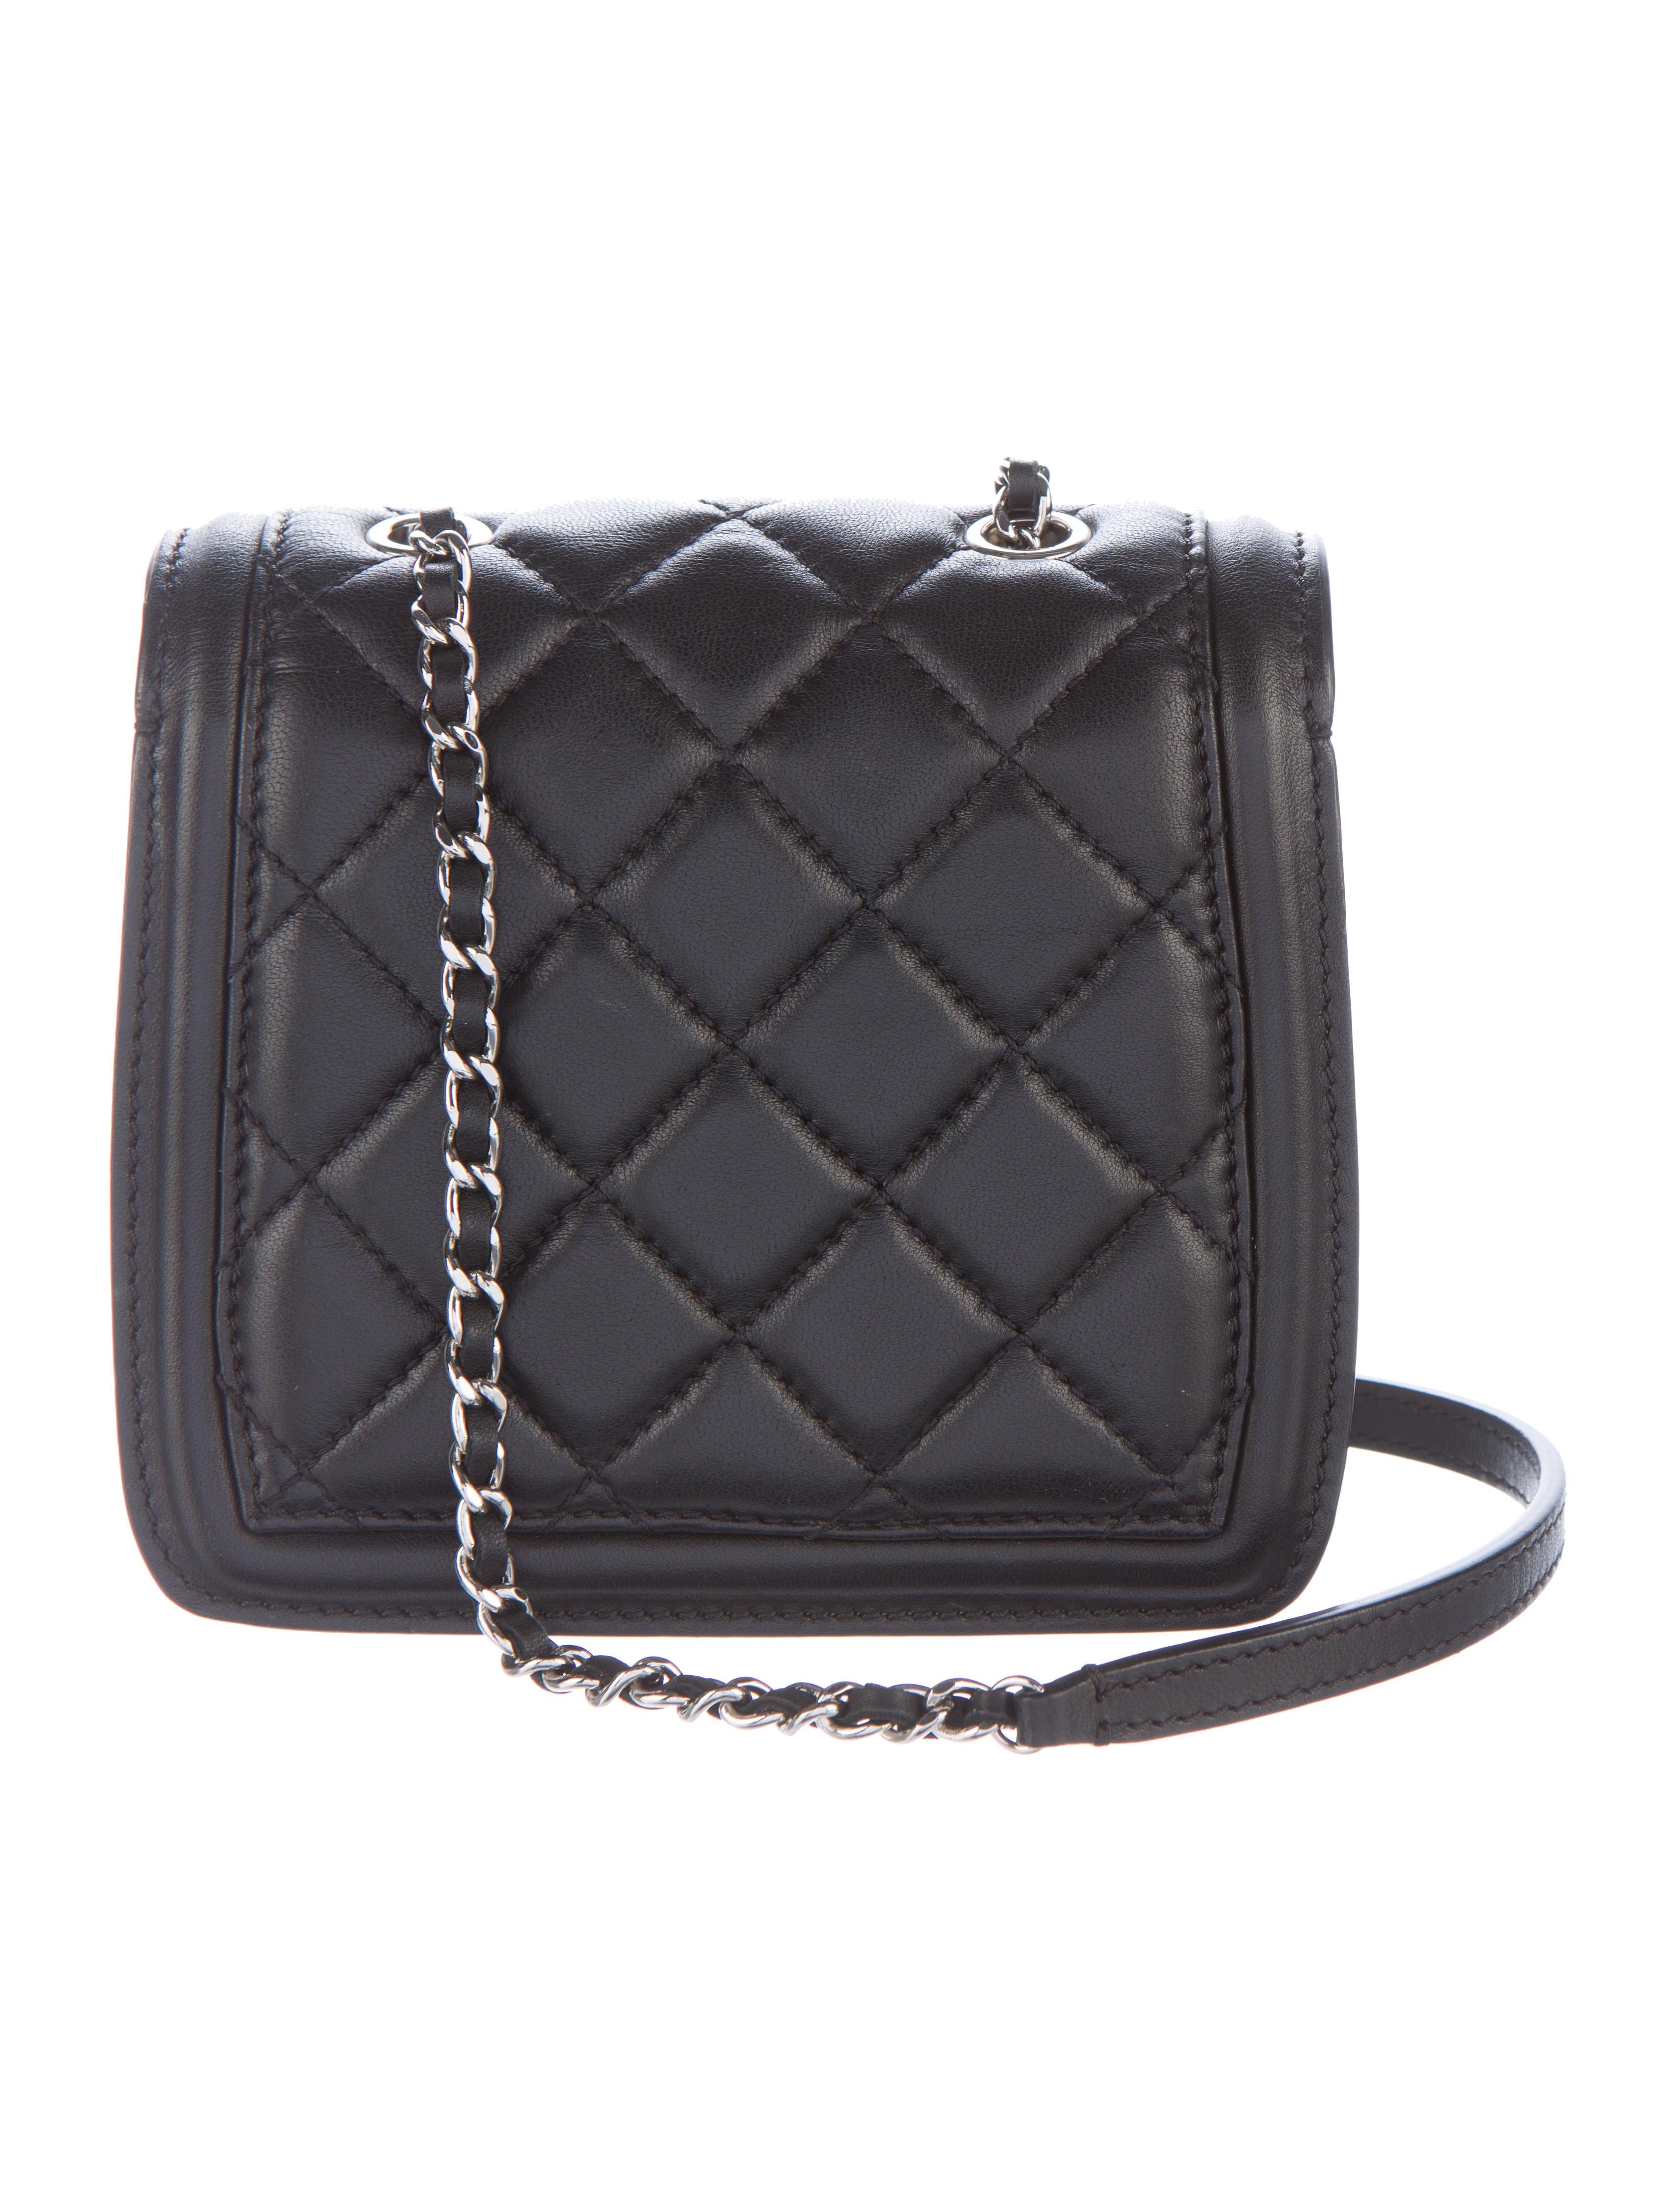 chanel handbags 2013 black wwwimgkidcom the image